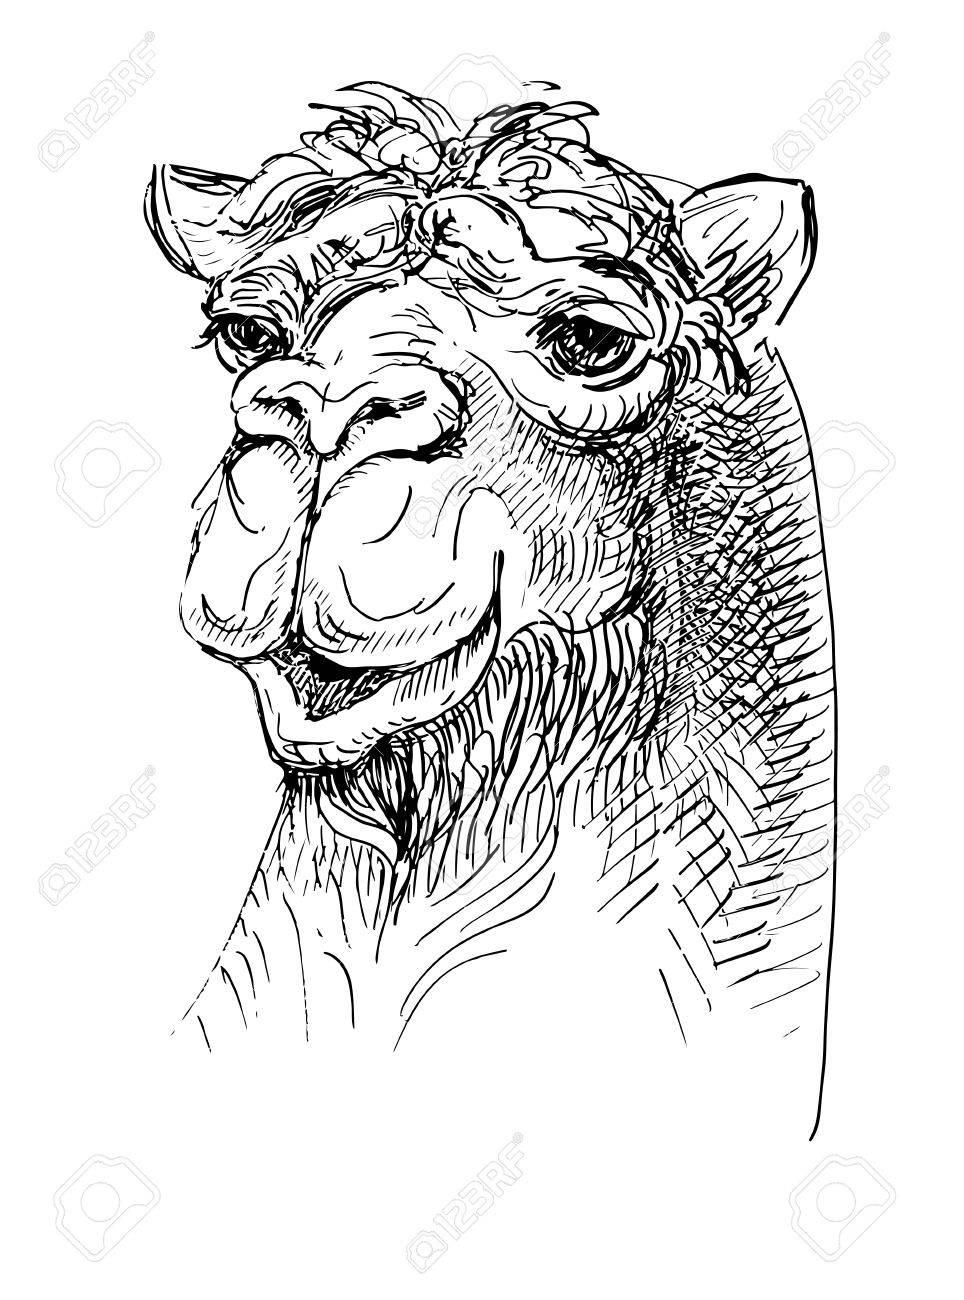 Illustration Chameau Croquis Dessin Noir Et Blanc De Réaliste Animal De Tête Isolé Sur Fond Blanc